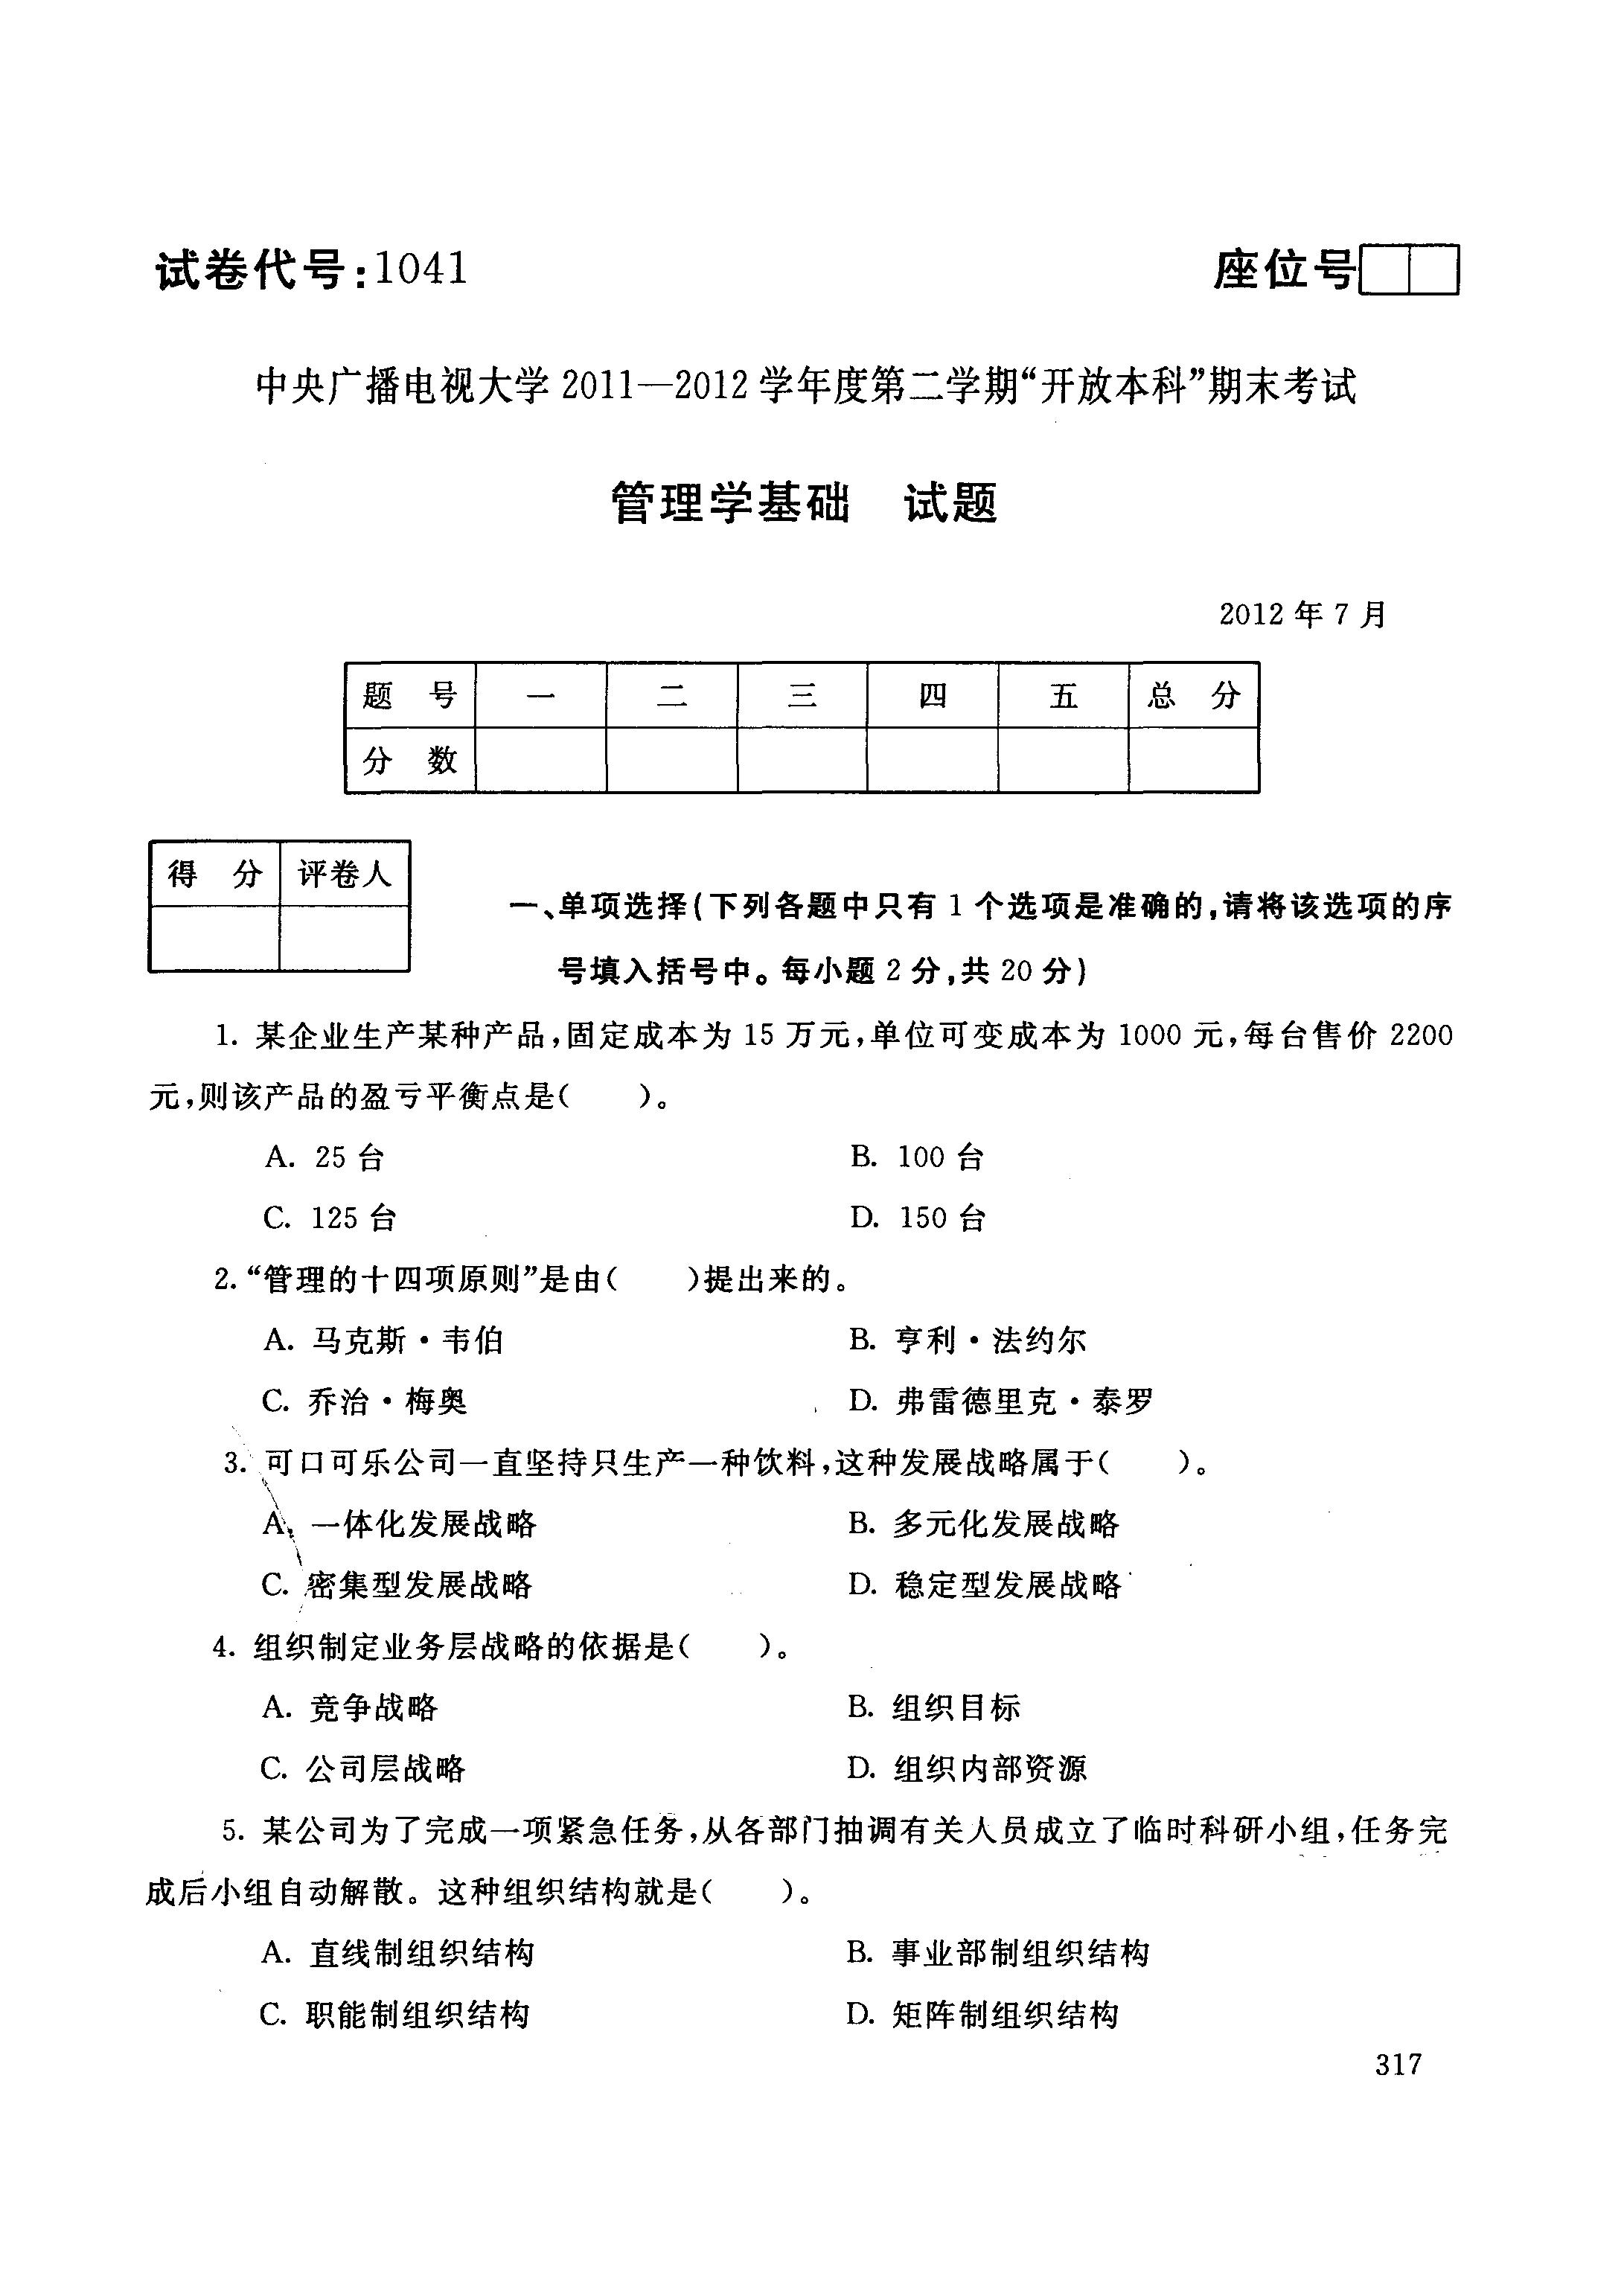 中央电大历届管理学基础试题库试卷代号1041